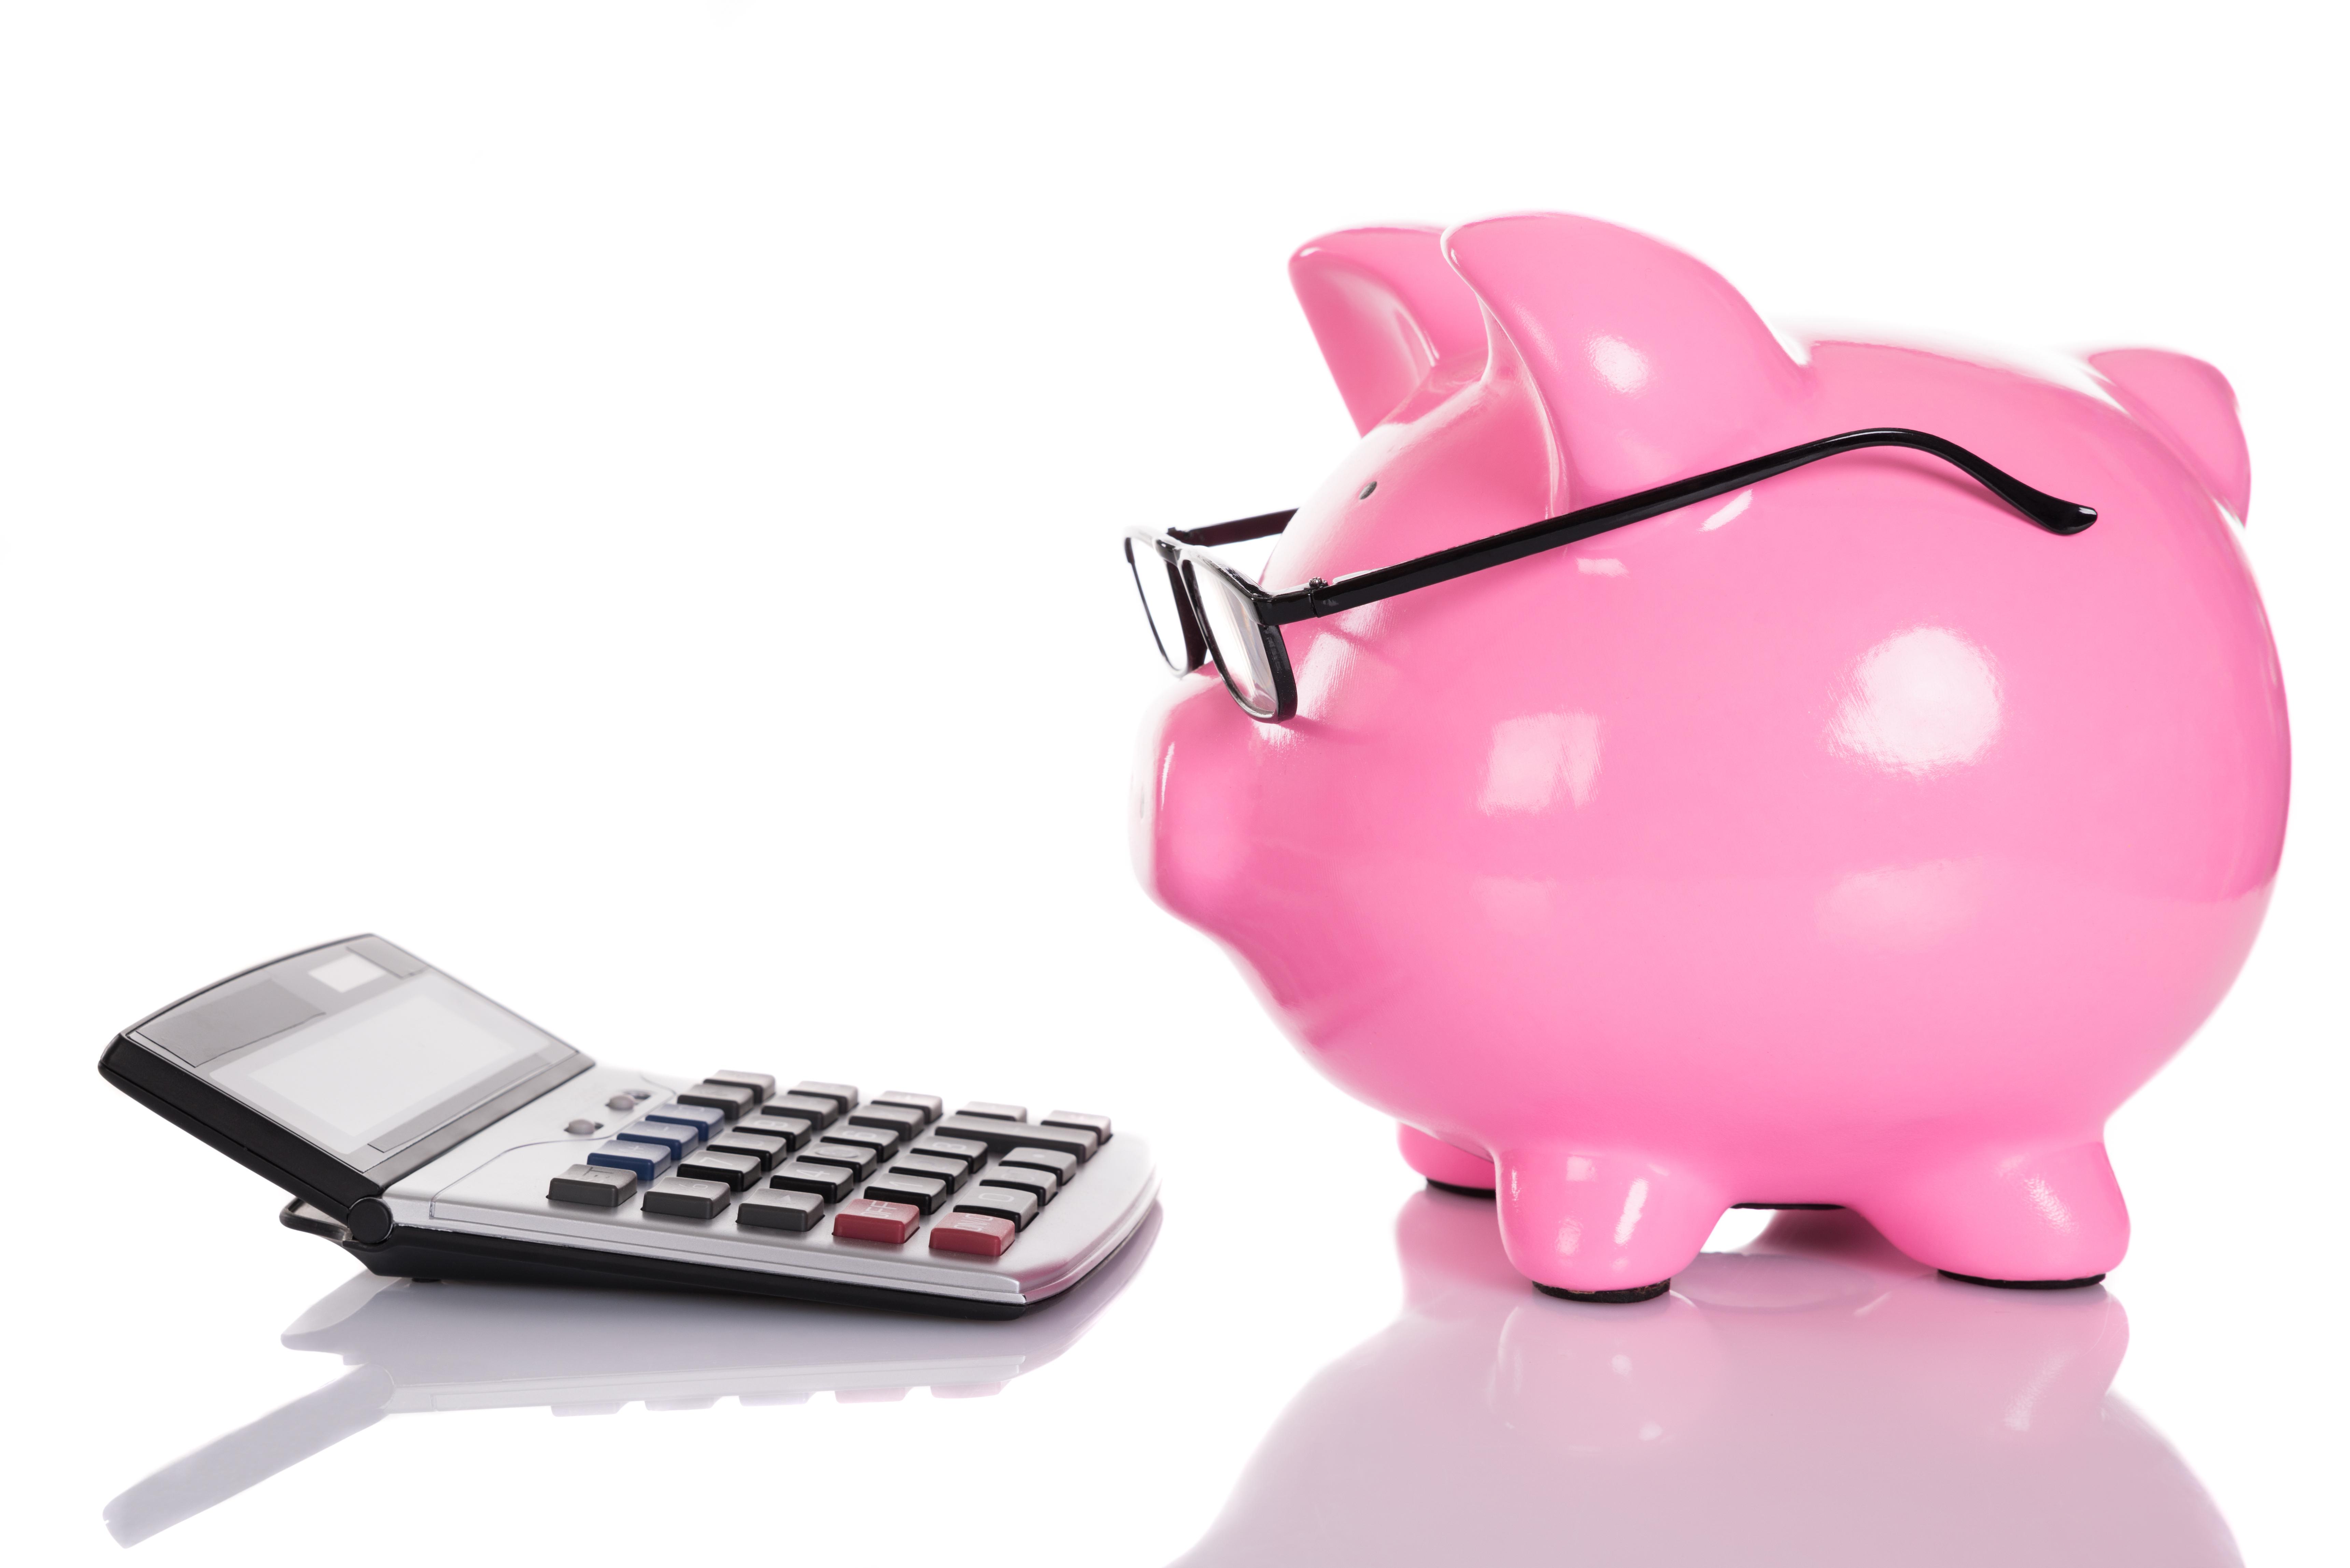 Studium und Selbstständigkeit – Teil 3: Einkommenssteuer, Umsatzsteuer und Kleinunternehmer